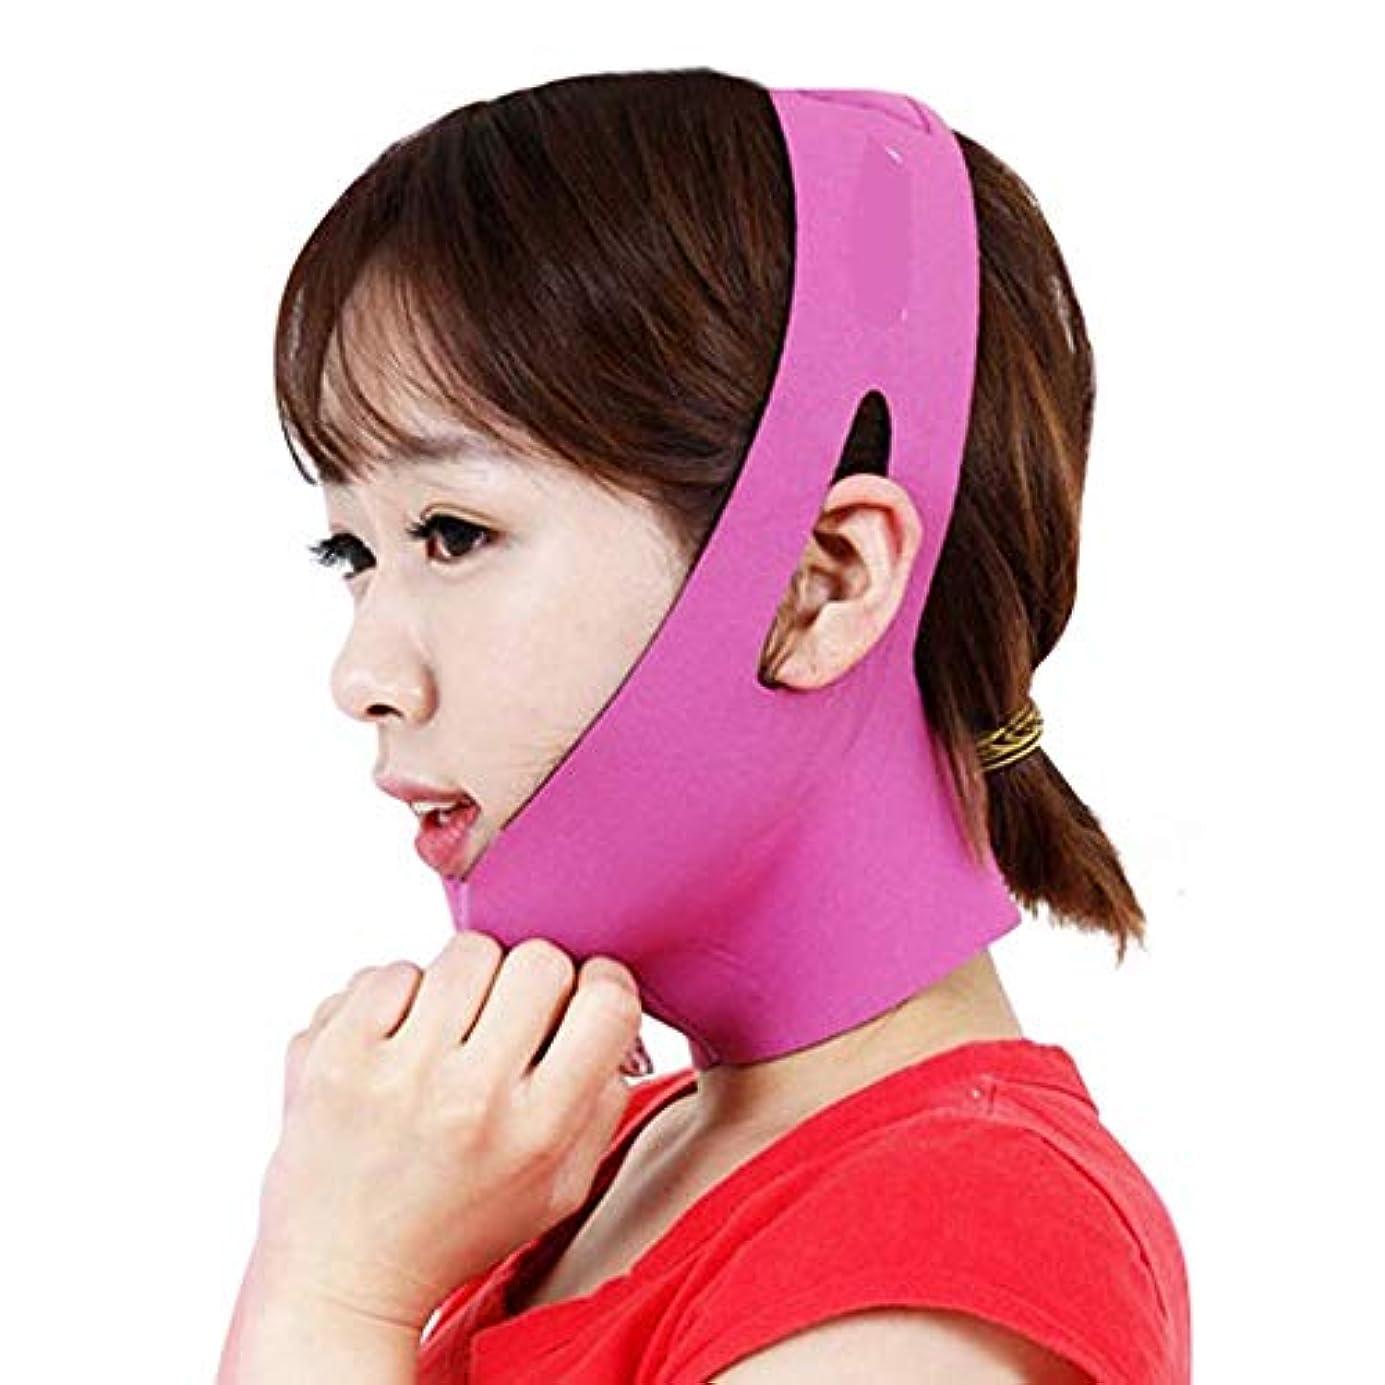 解説応じるマディソン飛強強 フェイシャルリフティング痩身ベルト圧縮二重あご減量ベルトスキンケア薄い顔包帯二重あごワークアウト スリムフィット美容ツール (Color : Pink)